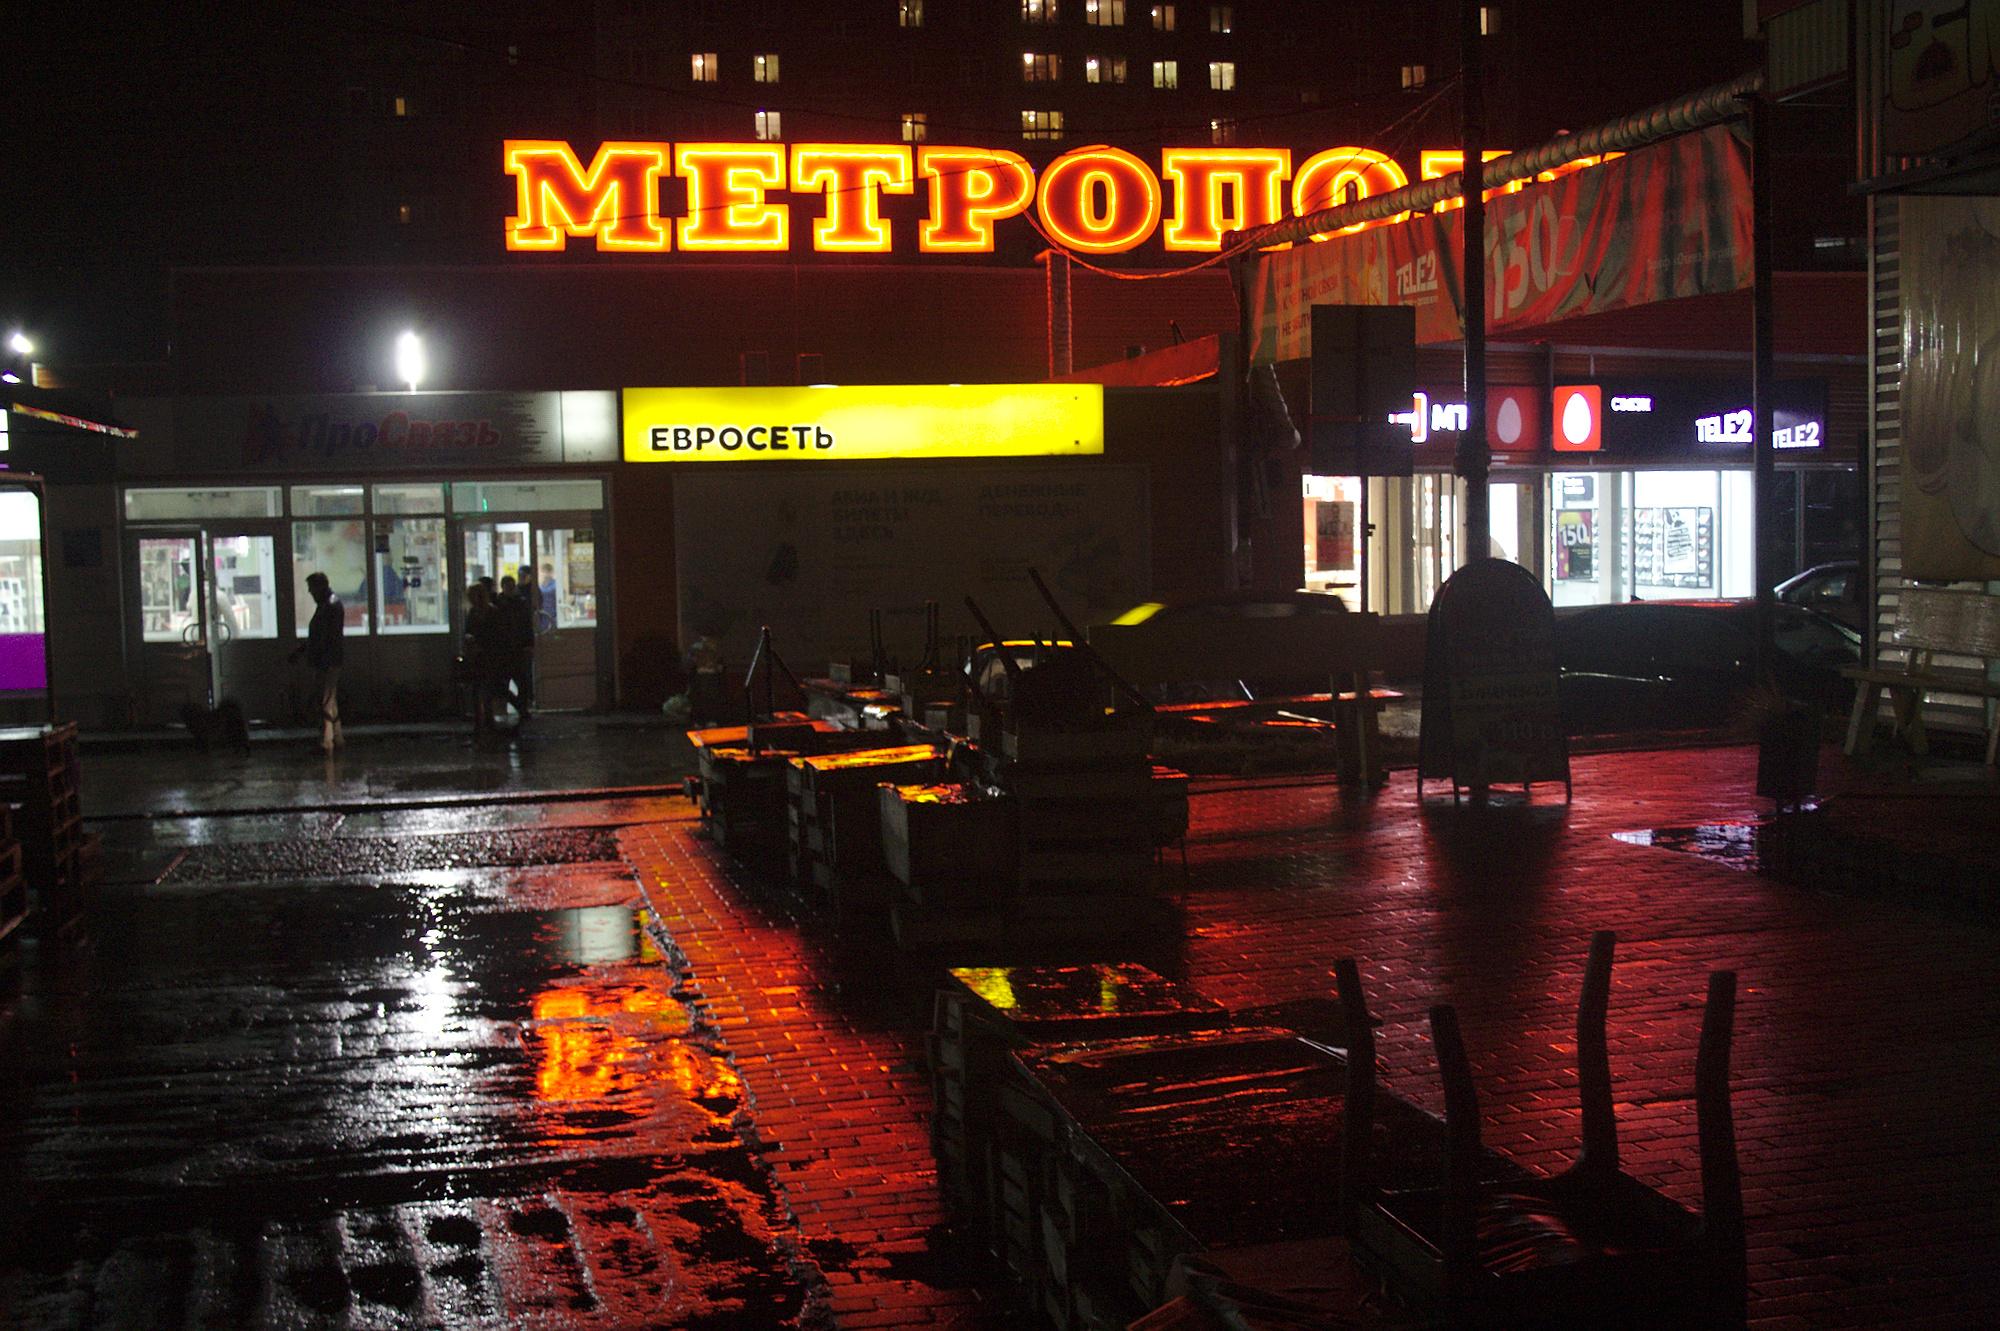 Странные силуэты чужих прохожих или же полное их отсутствие на немых улицах, освещаемых неоновыми вывесками